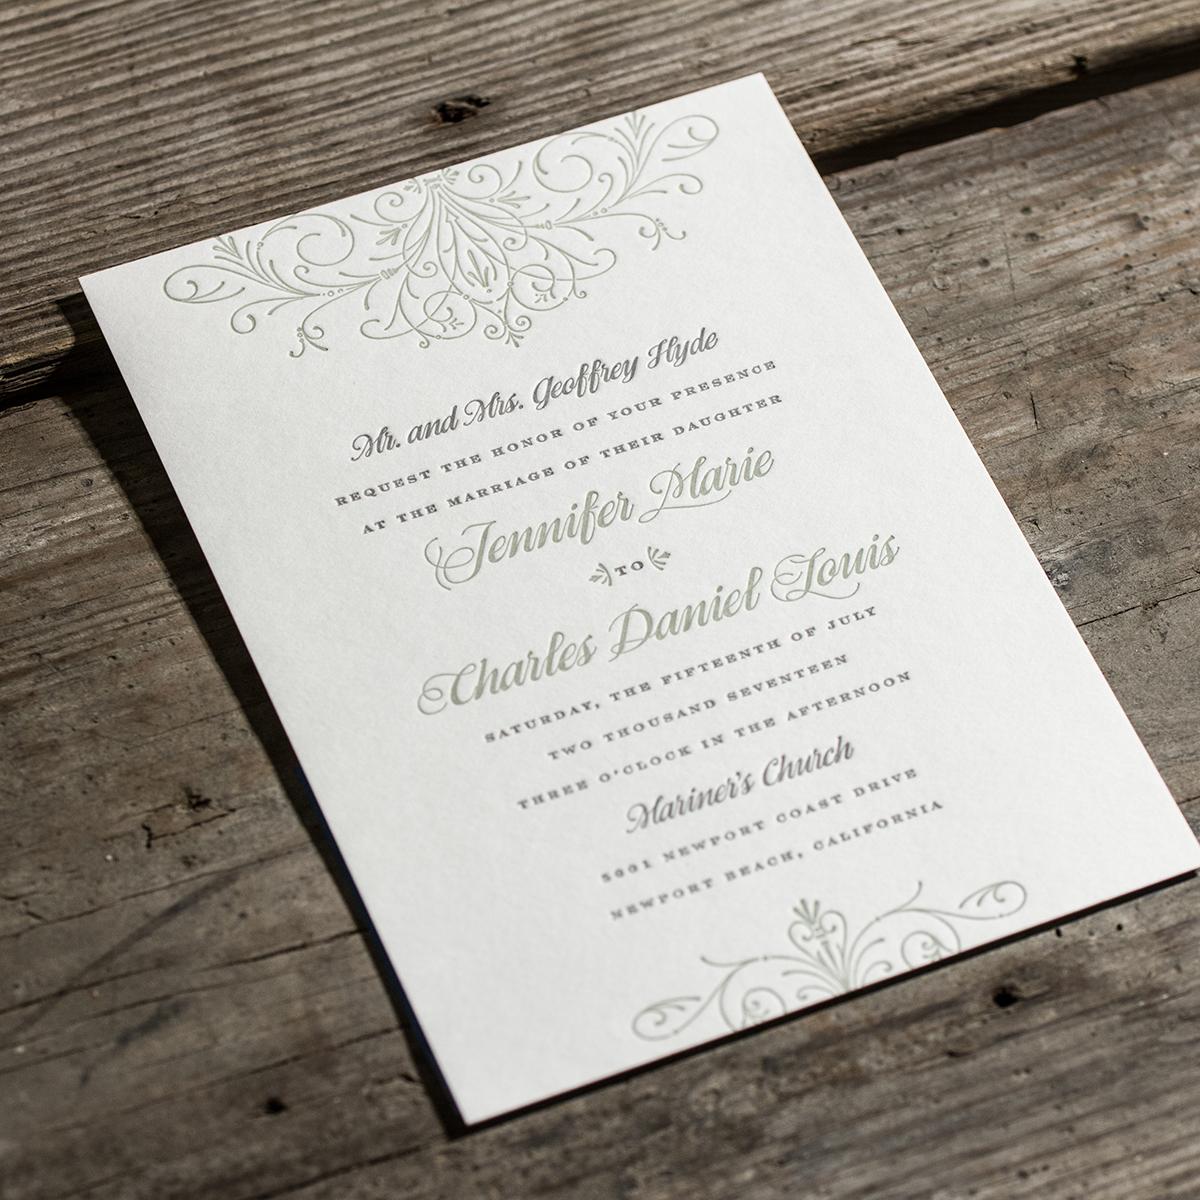 la belle papeterie morristown nj wedding invitations services